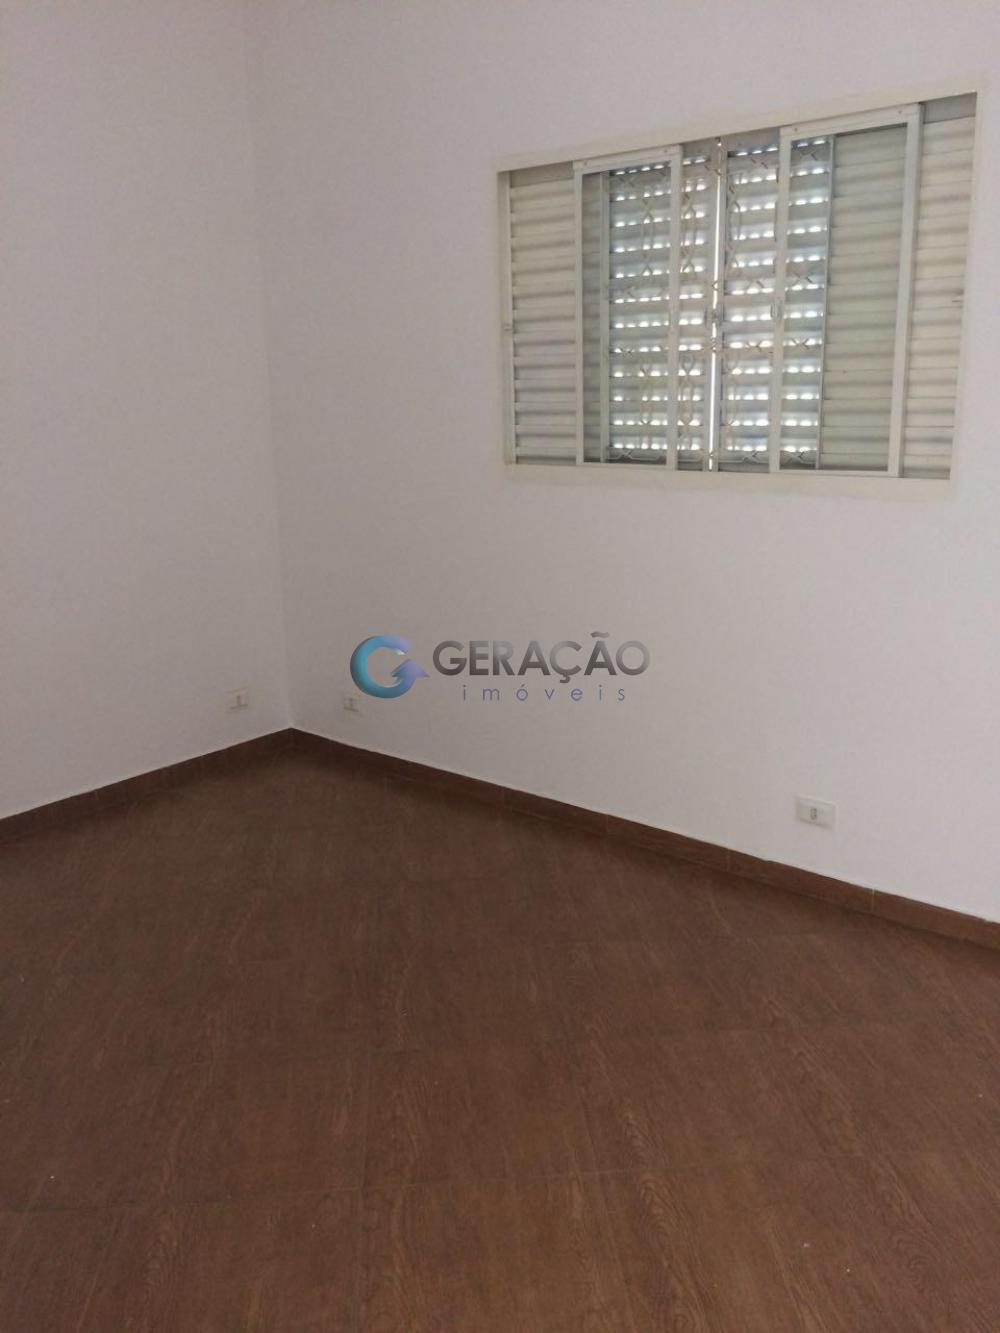 Comprar Comercial / Prédio em São José dos Campos apenas R$ 840.500,00 - Foto 10